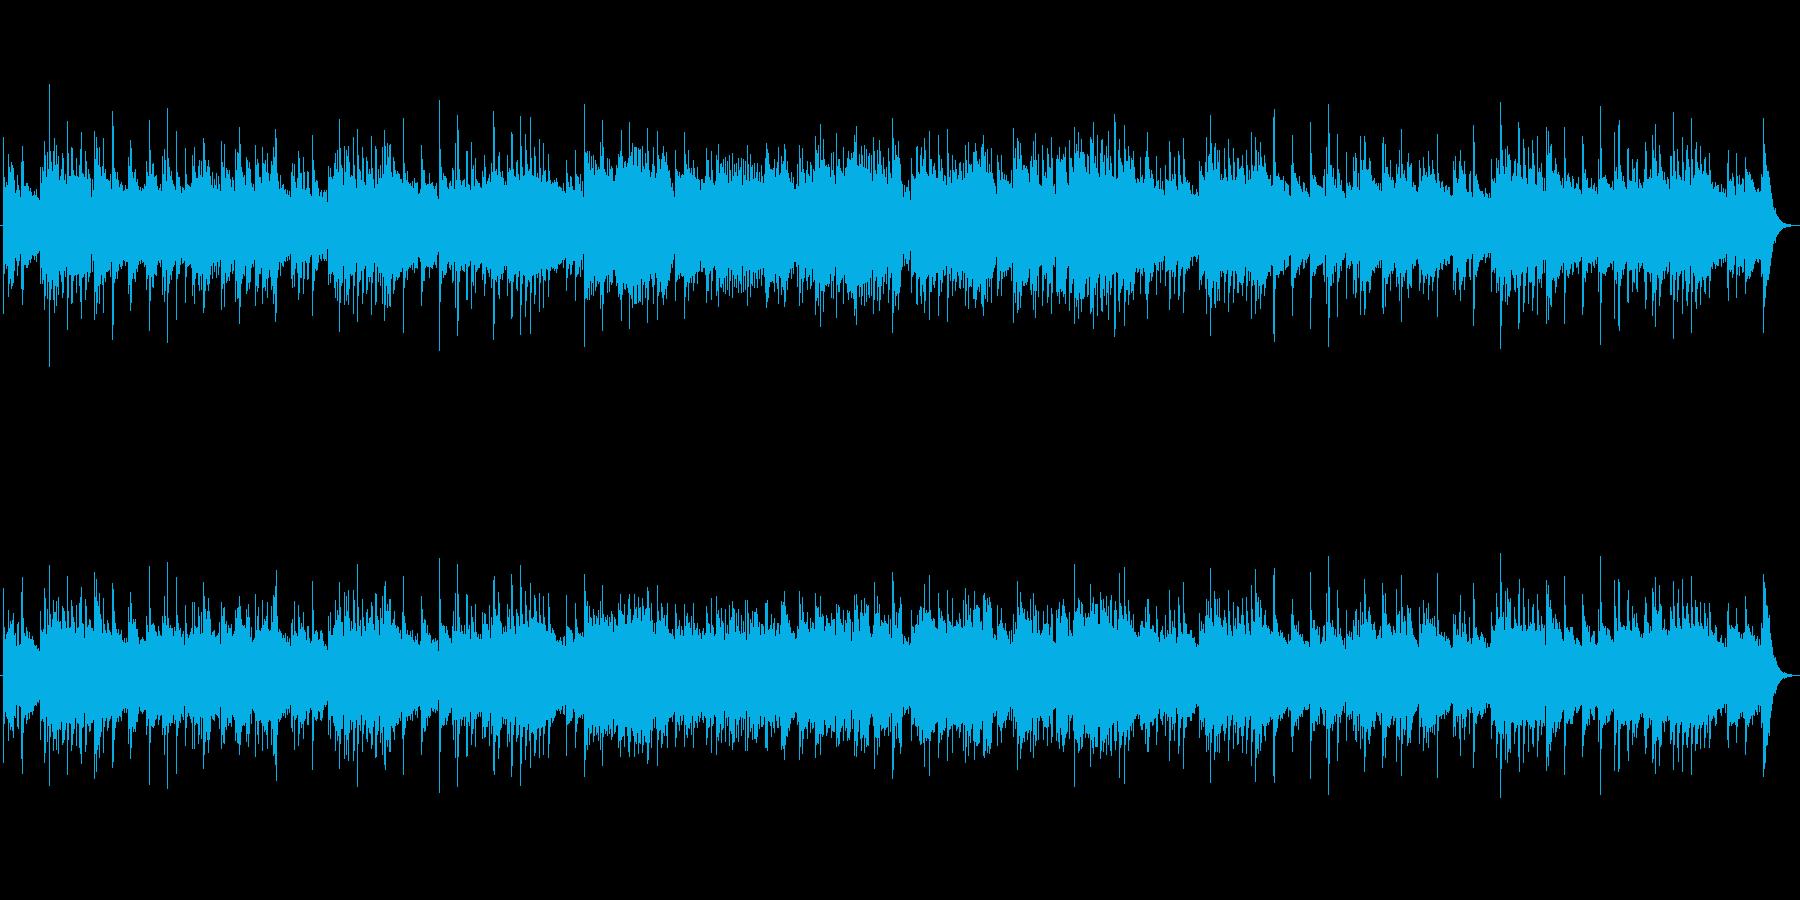 何かが始まる感動のオーケストラBGMの再生済みの波形